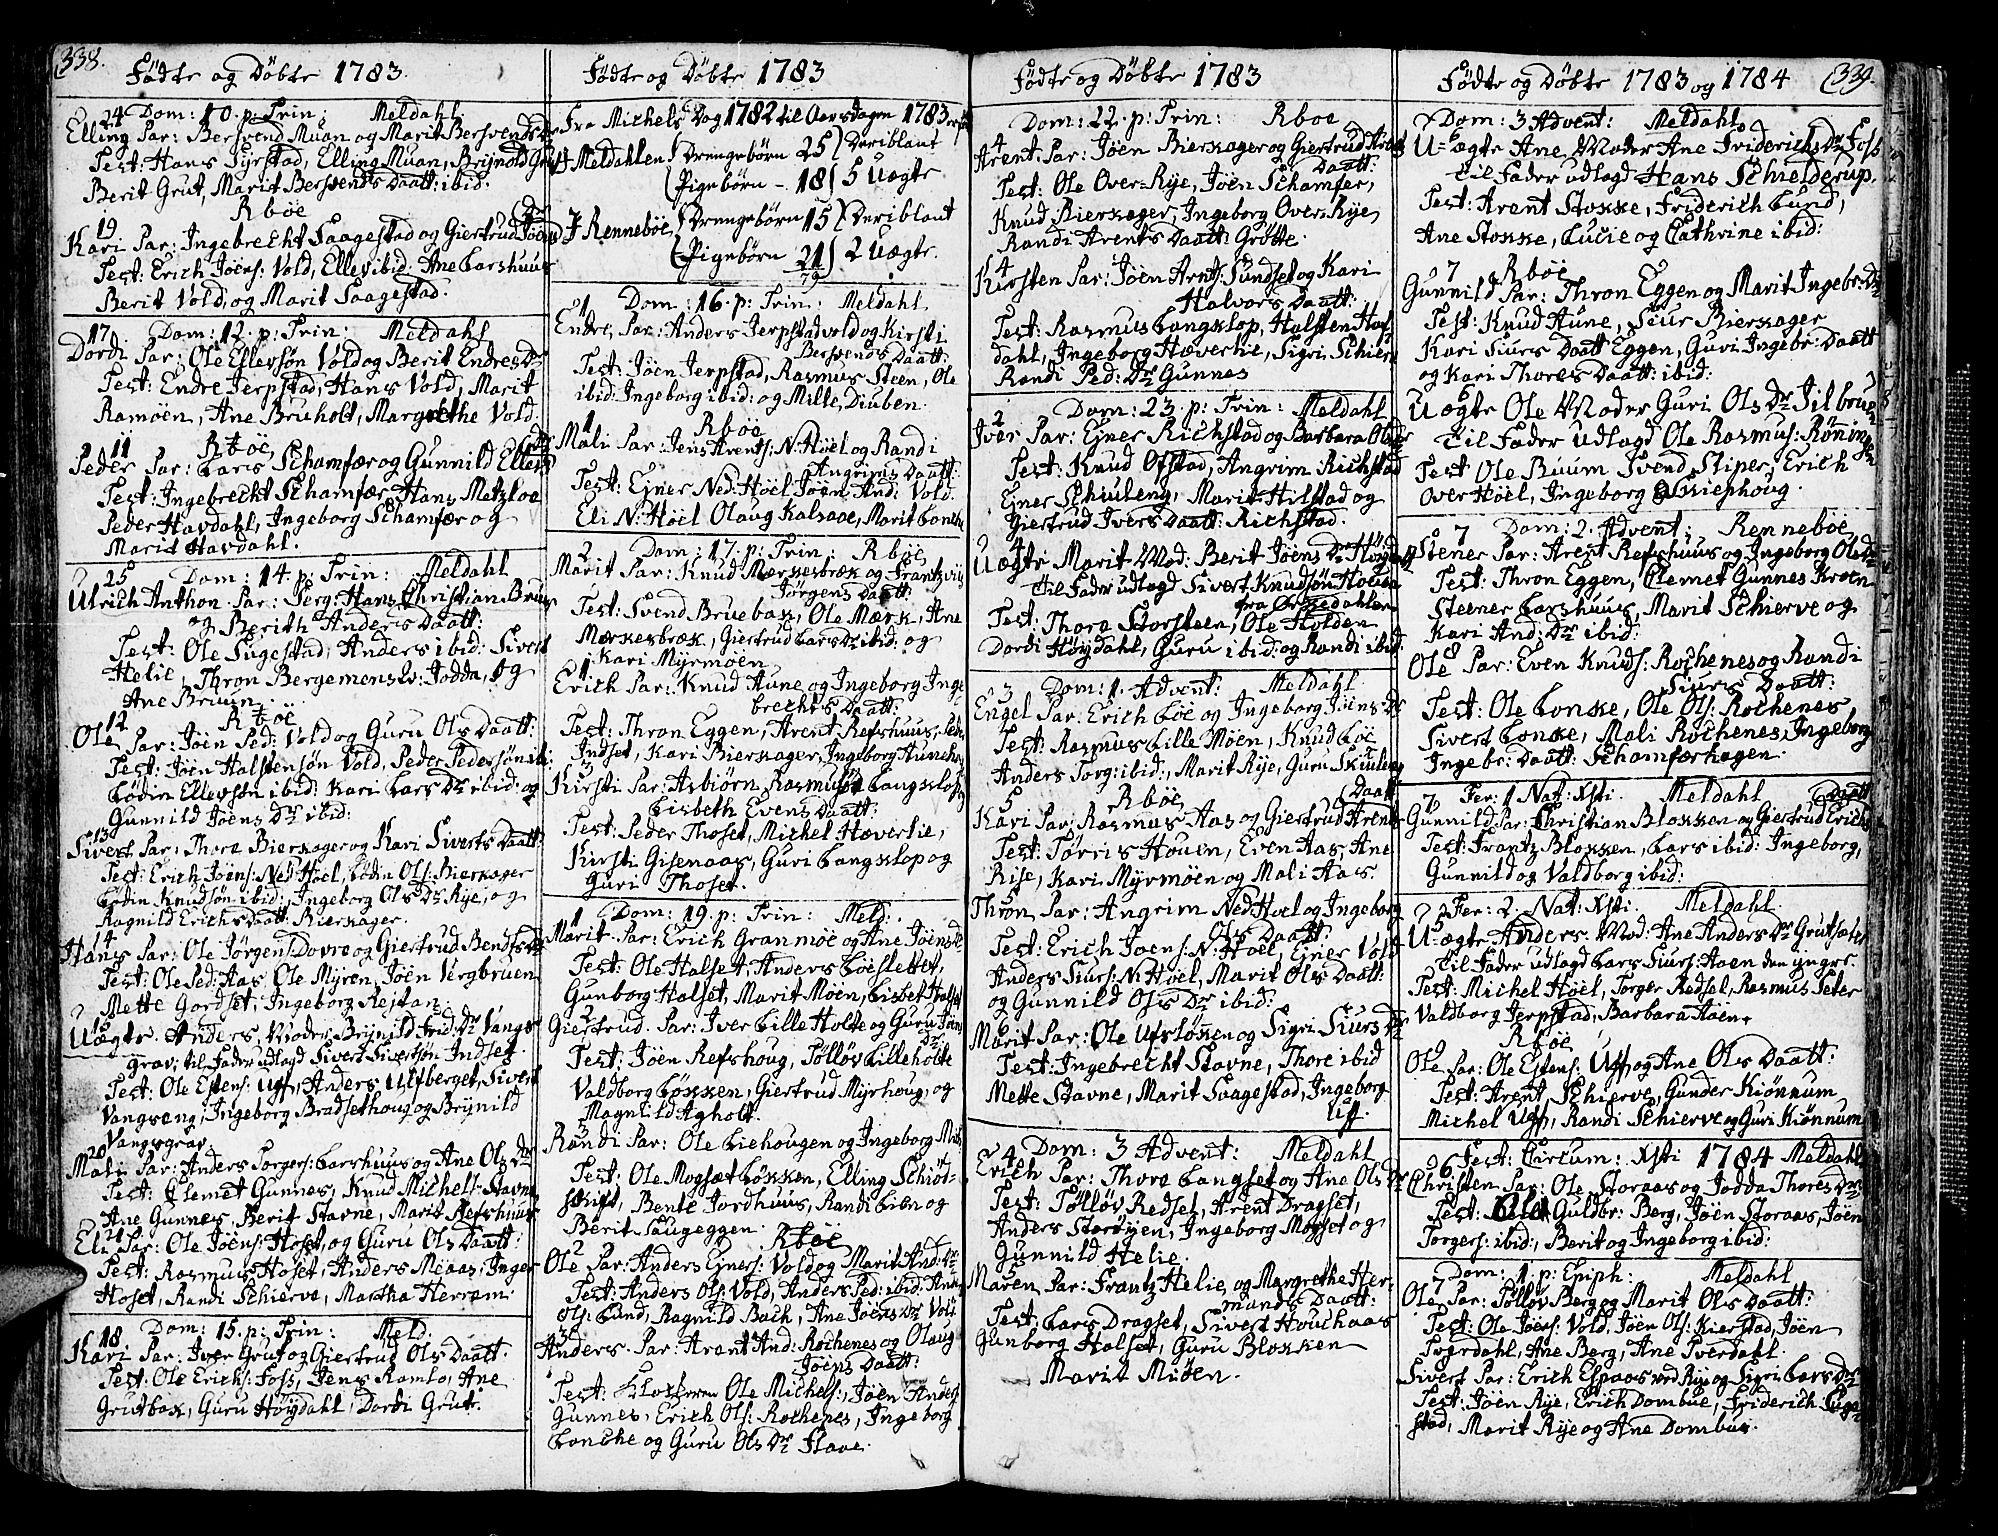 SAT, Ministerialprotokoller, klokkerbøker og fødselsregistre - Sør-Trøndelag, 672/L0852: Ministerialbok nr. 672A05, 1776-1815, s. 338-339